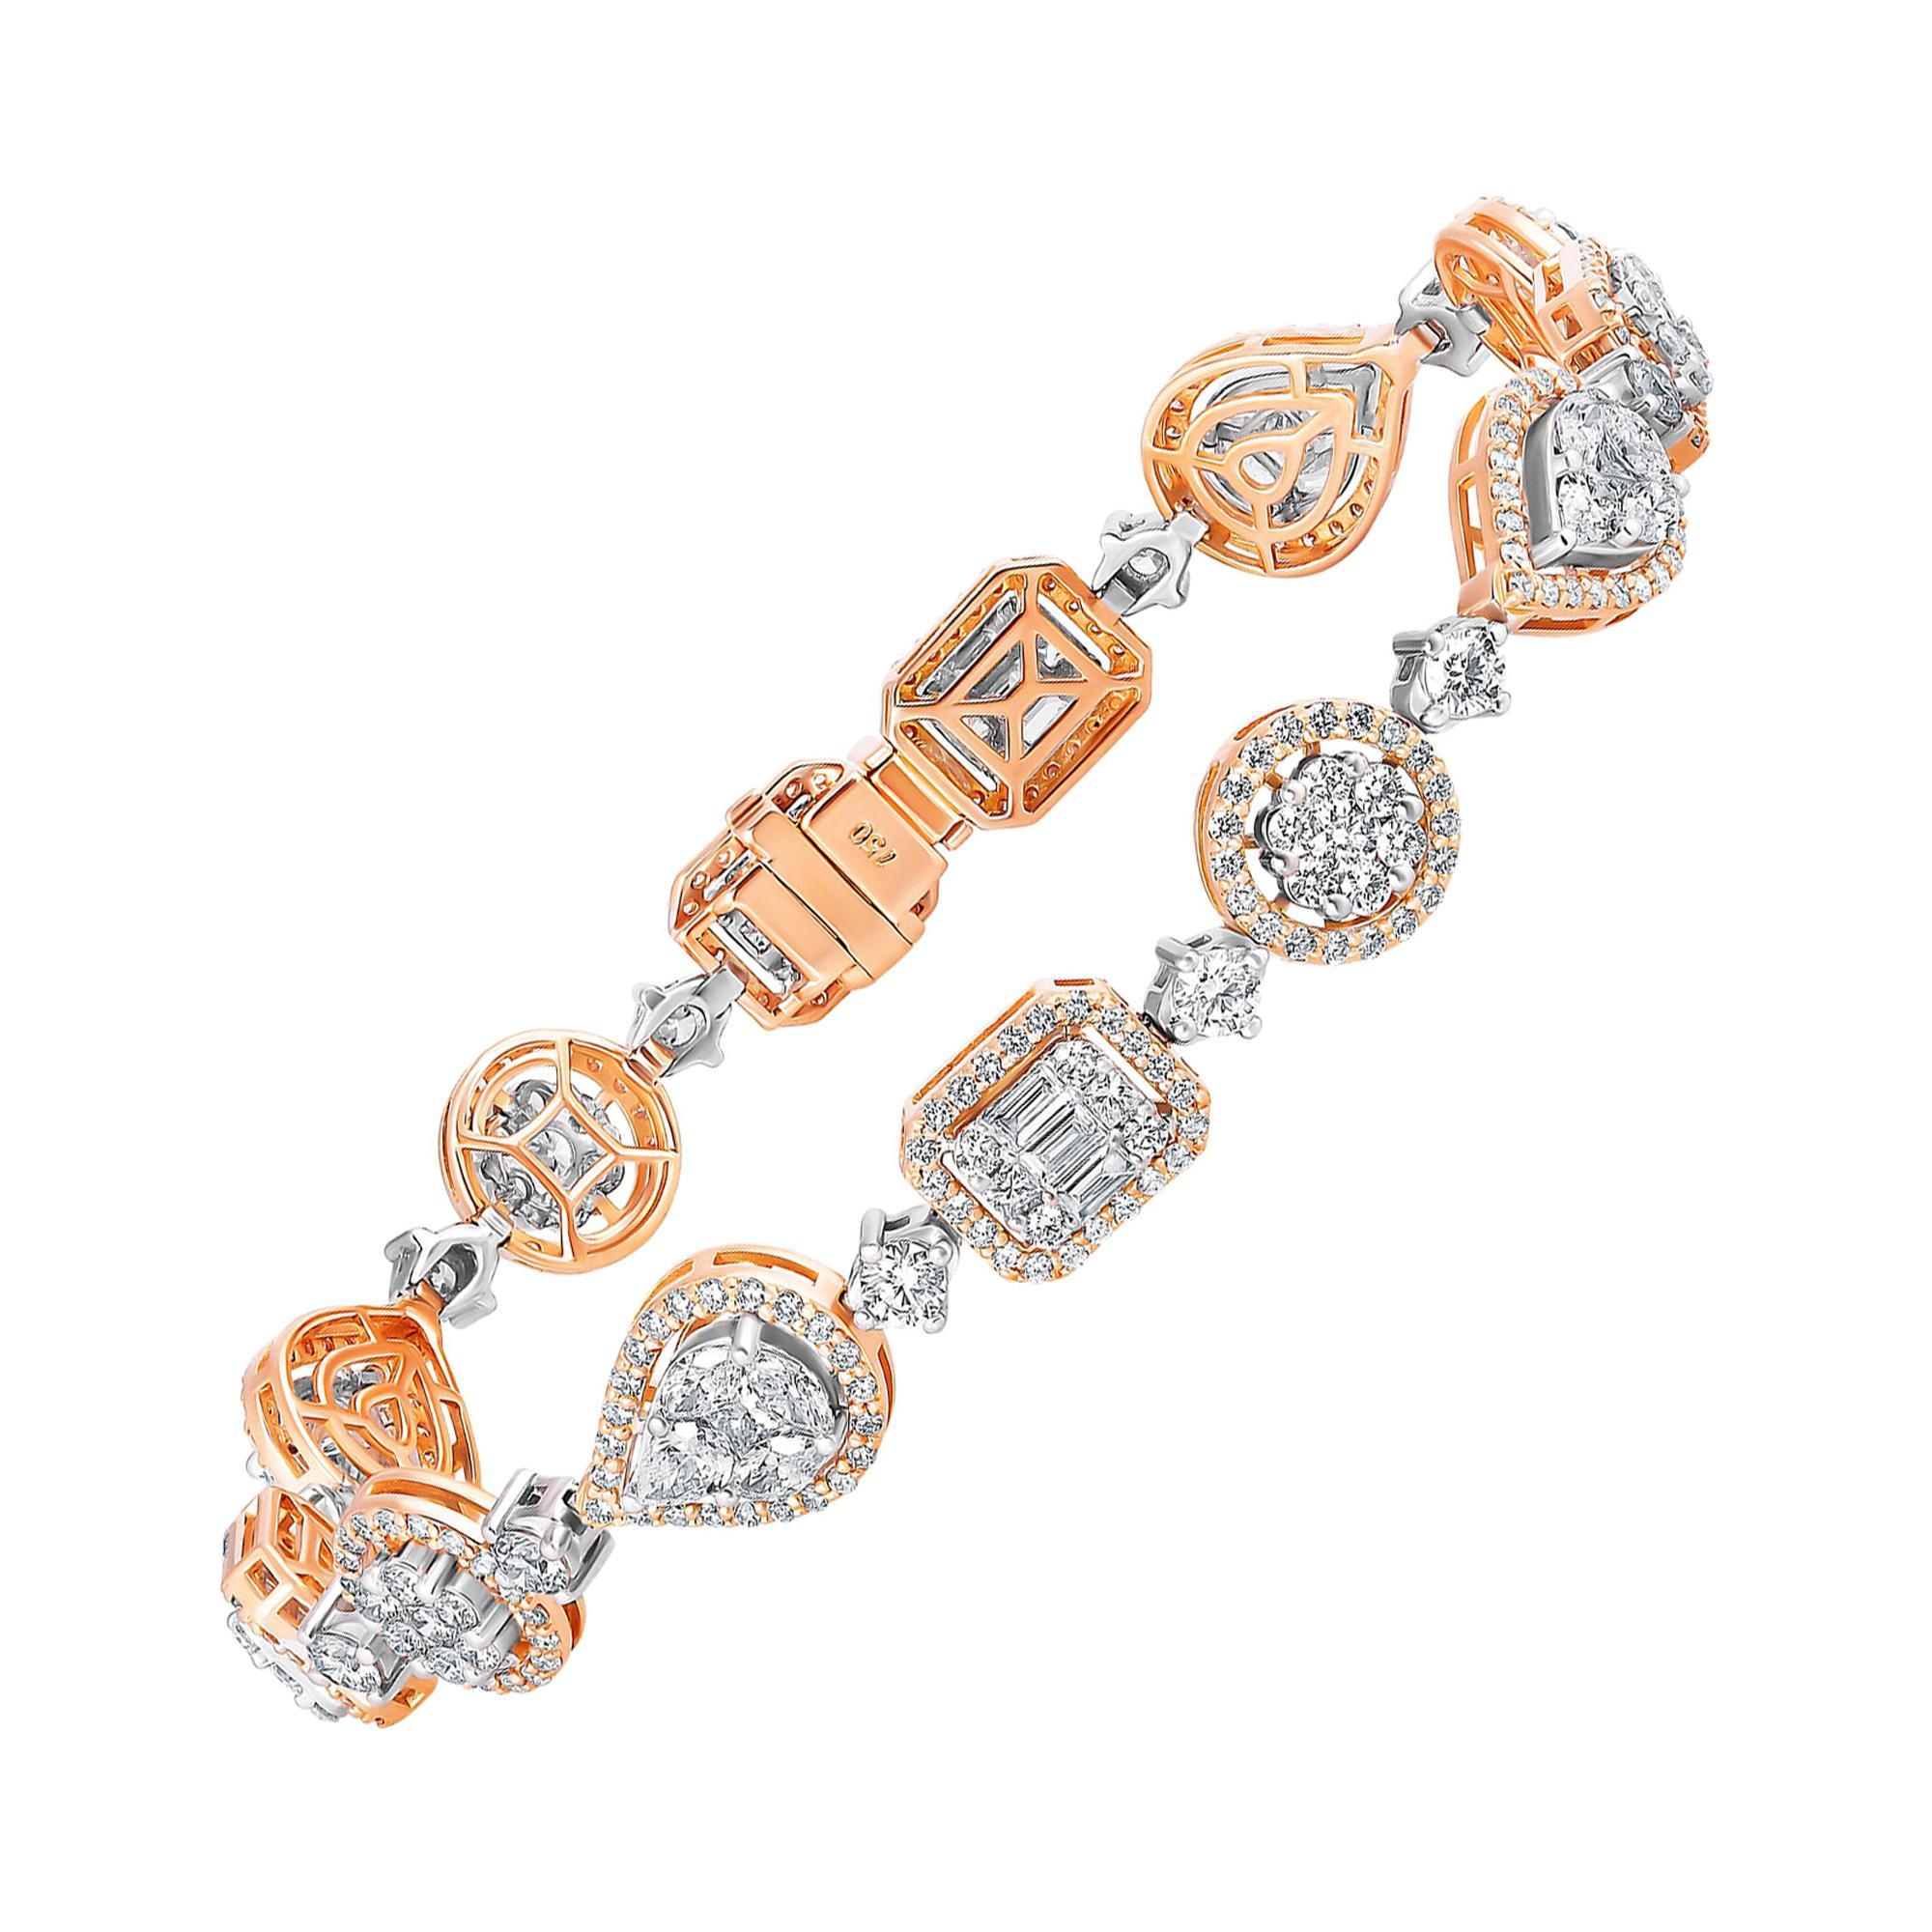 Emilio Jewelry 5.92 Carat Fancy Diamond Bracelet